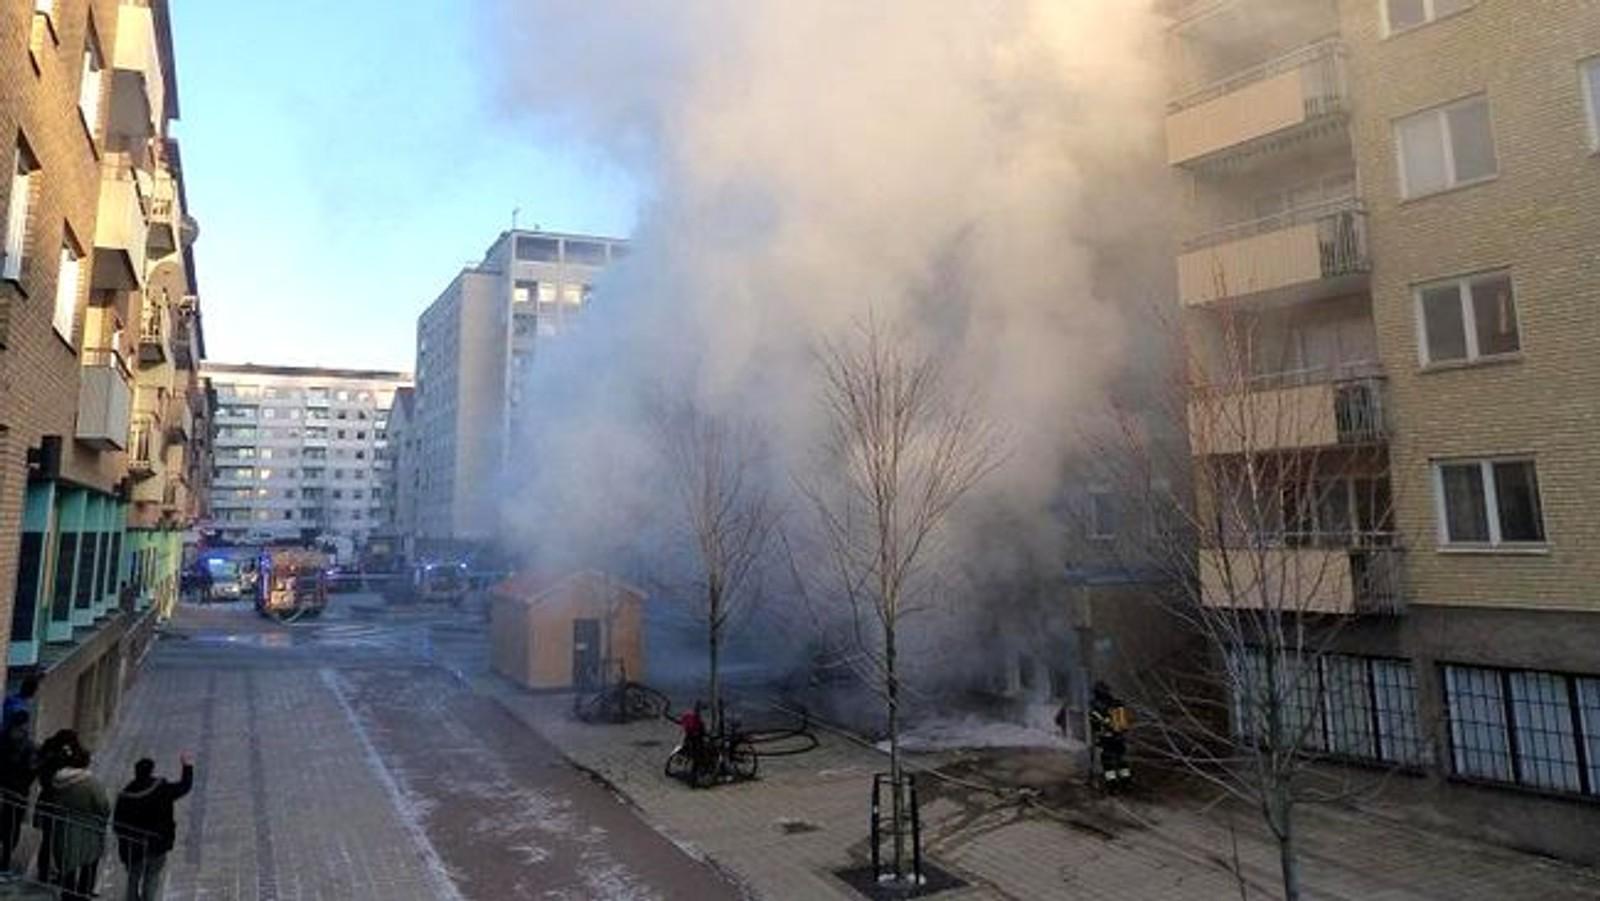 Brannen brøt ut like etter klokken 13 første juledag i et foreningslokale som brukes som moske i byen